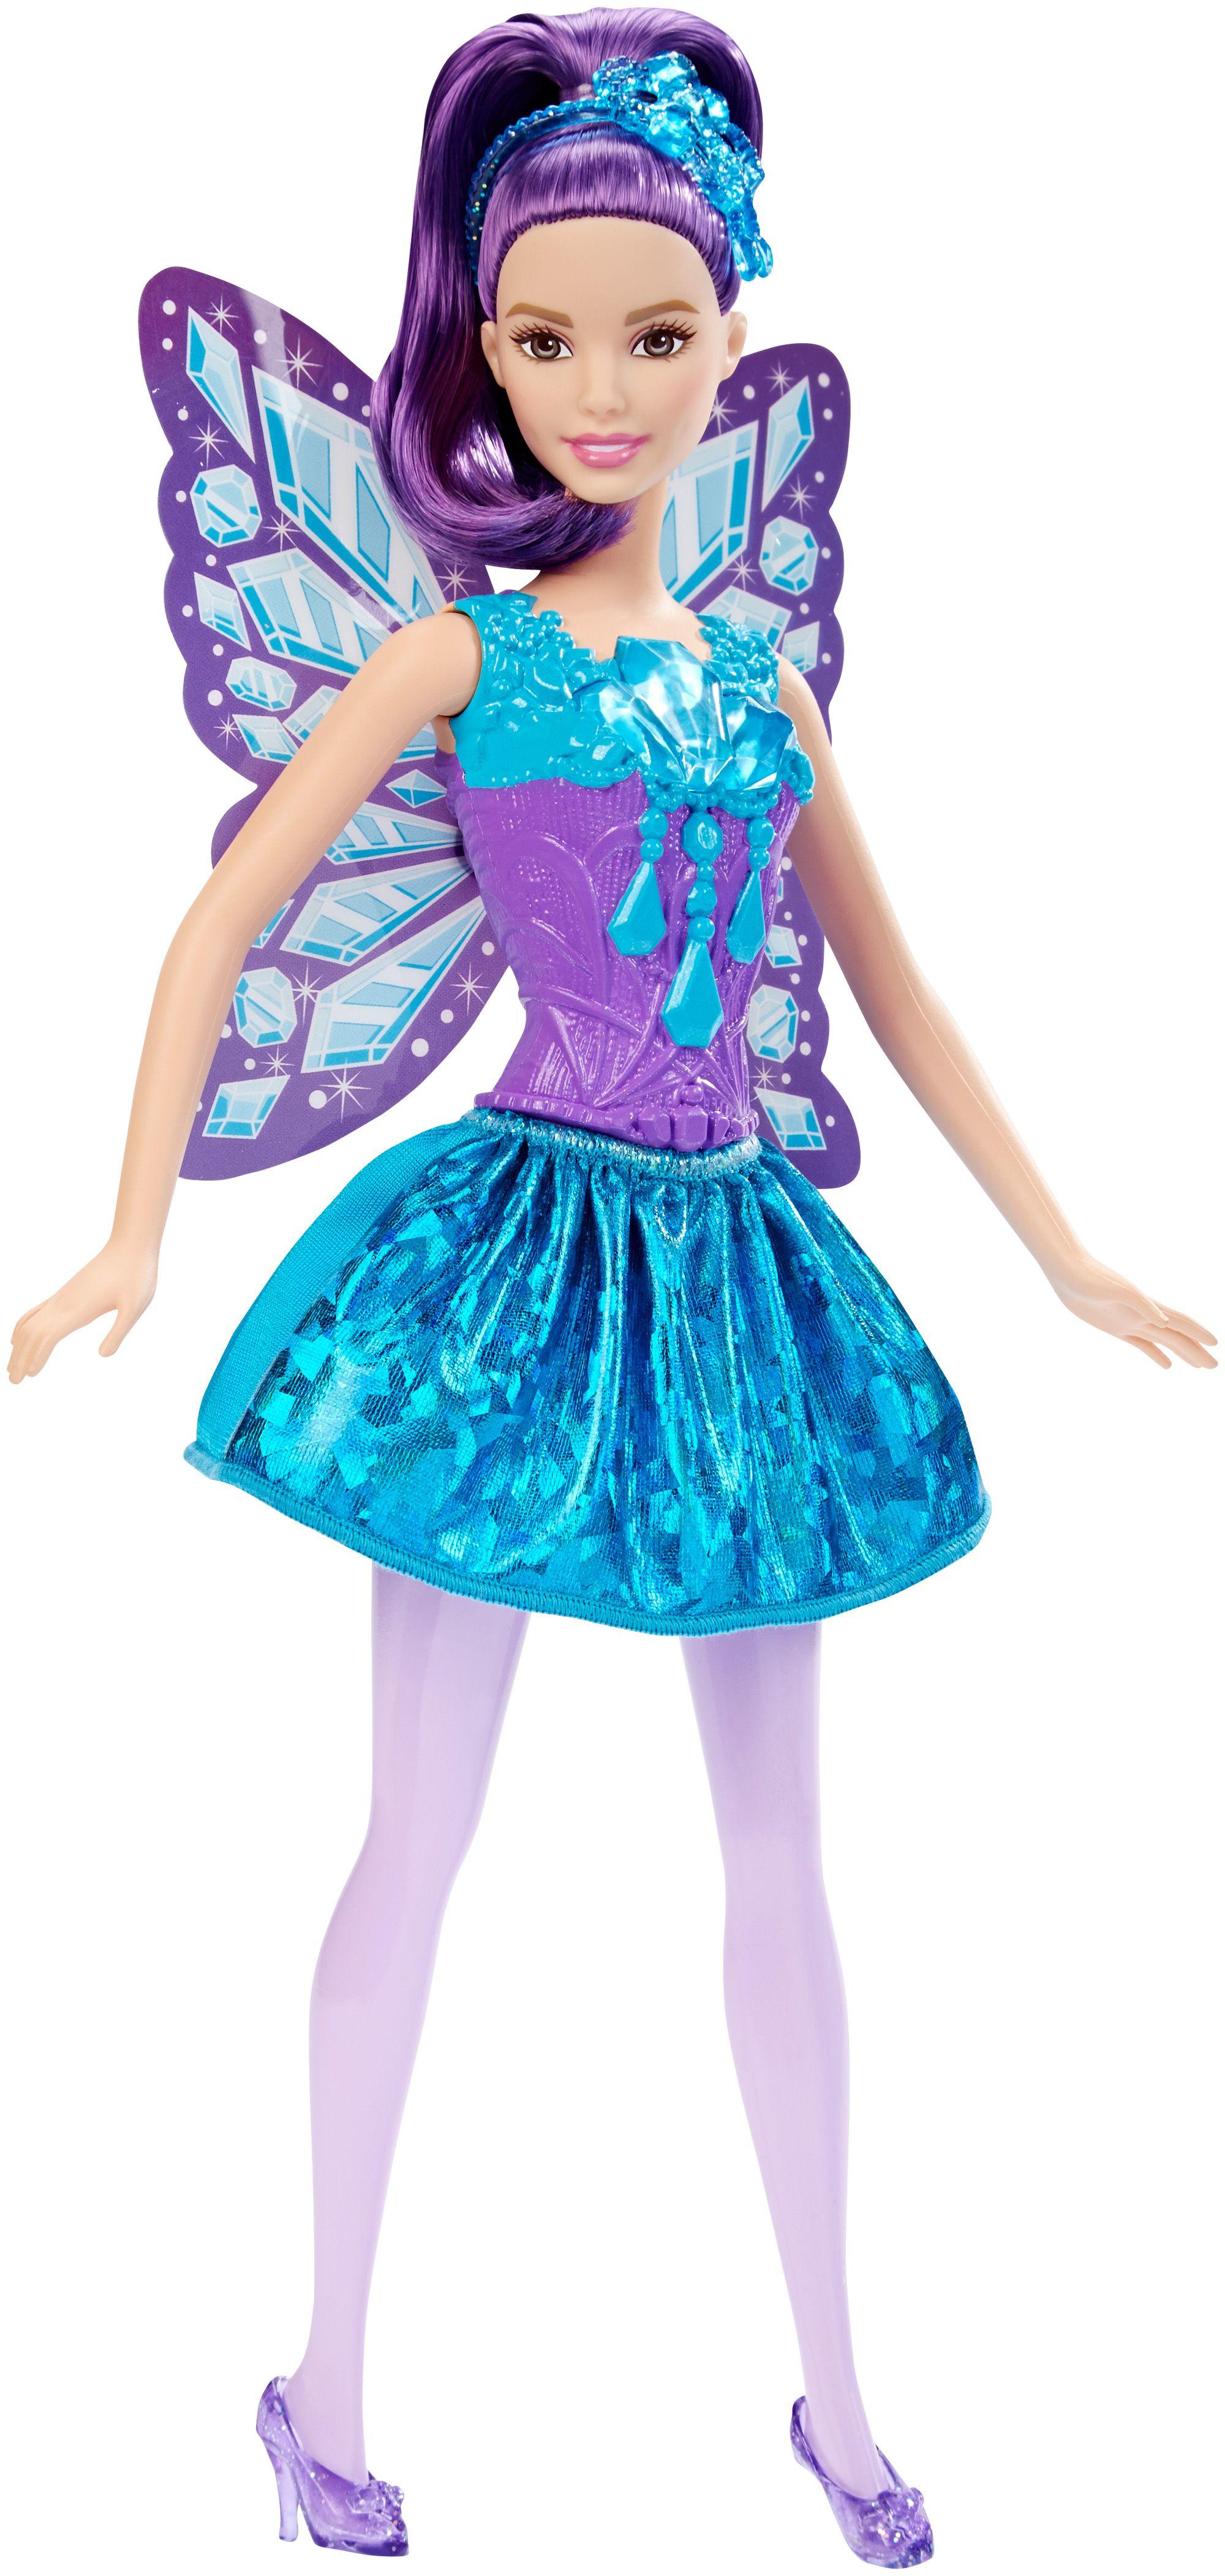 Barbie Fairy Gem Fashion Doll